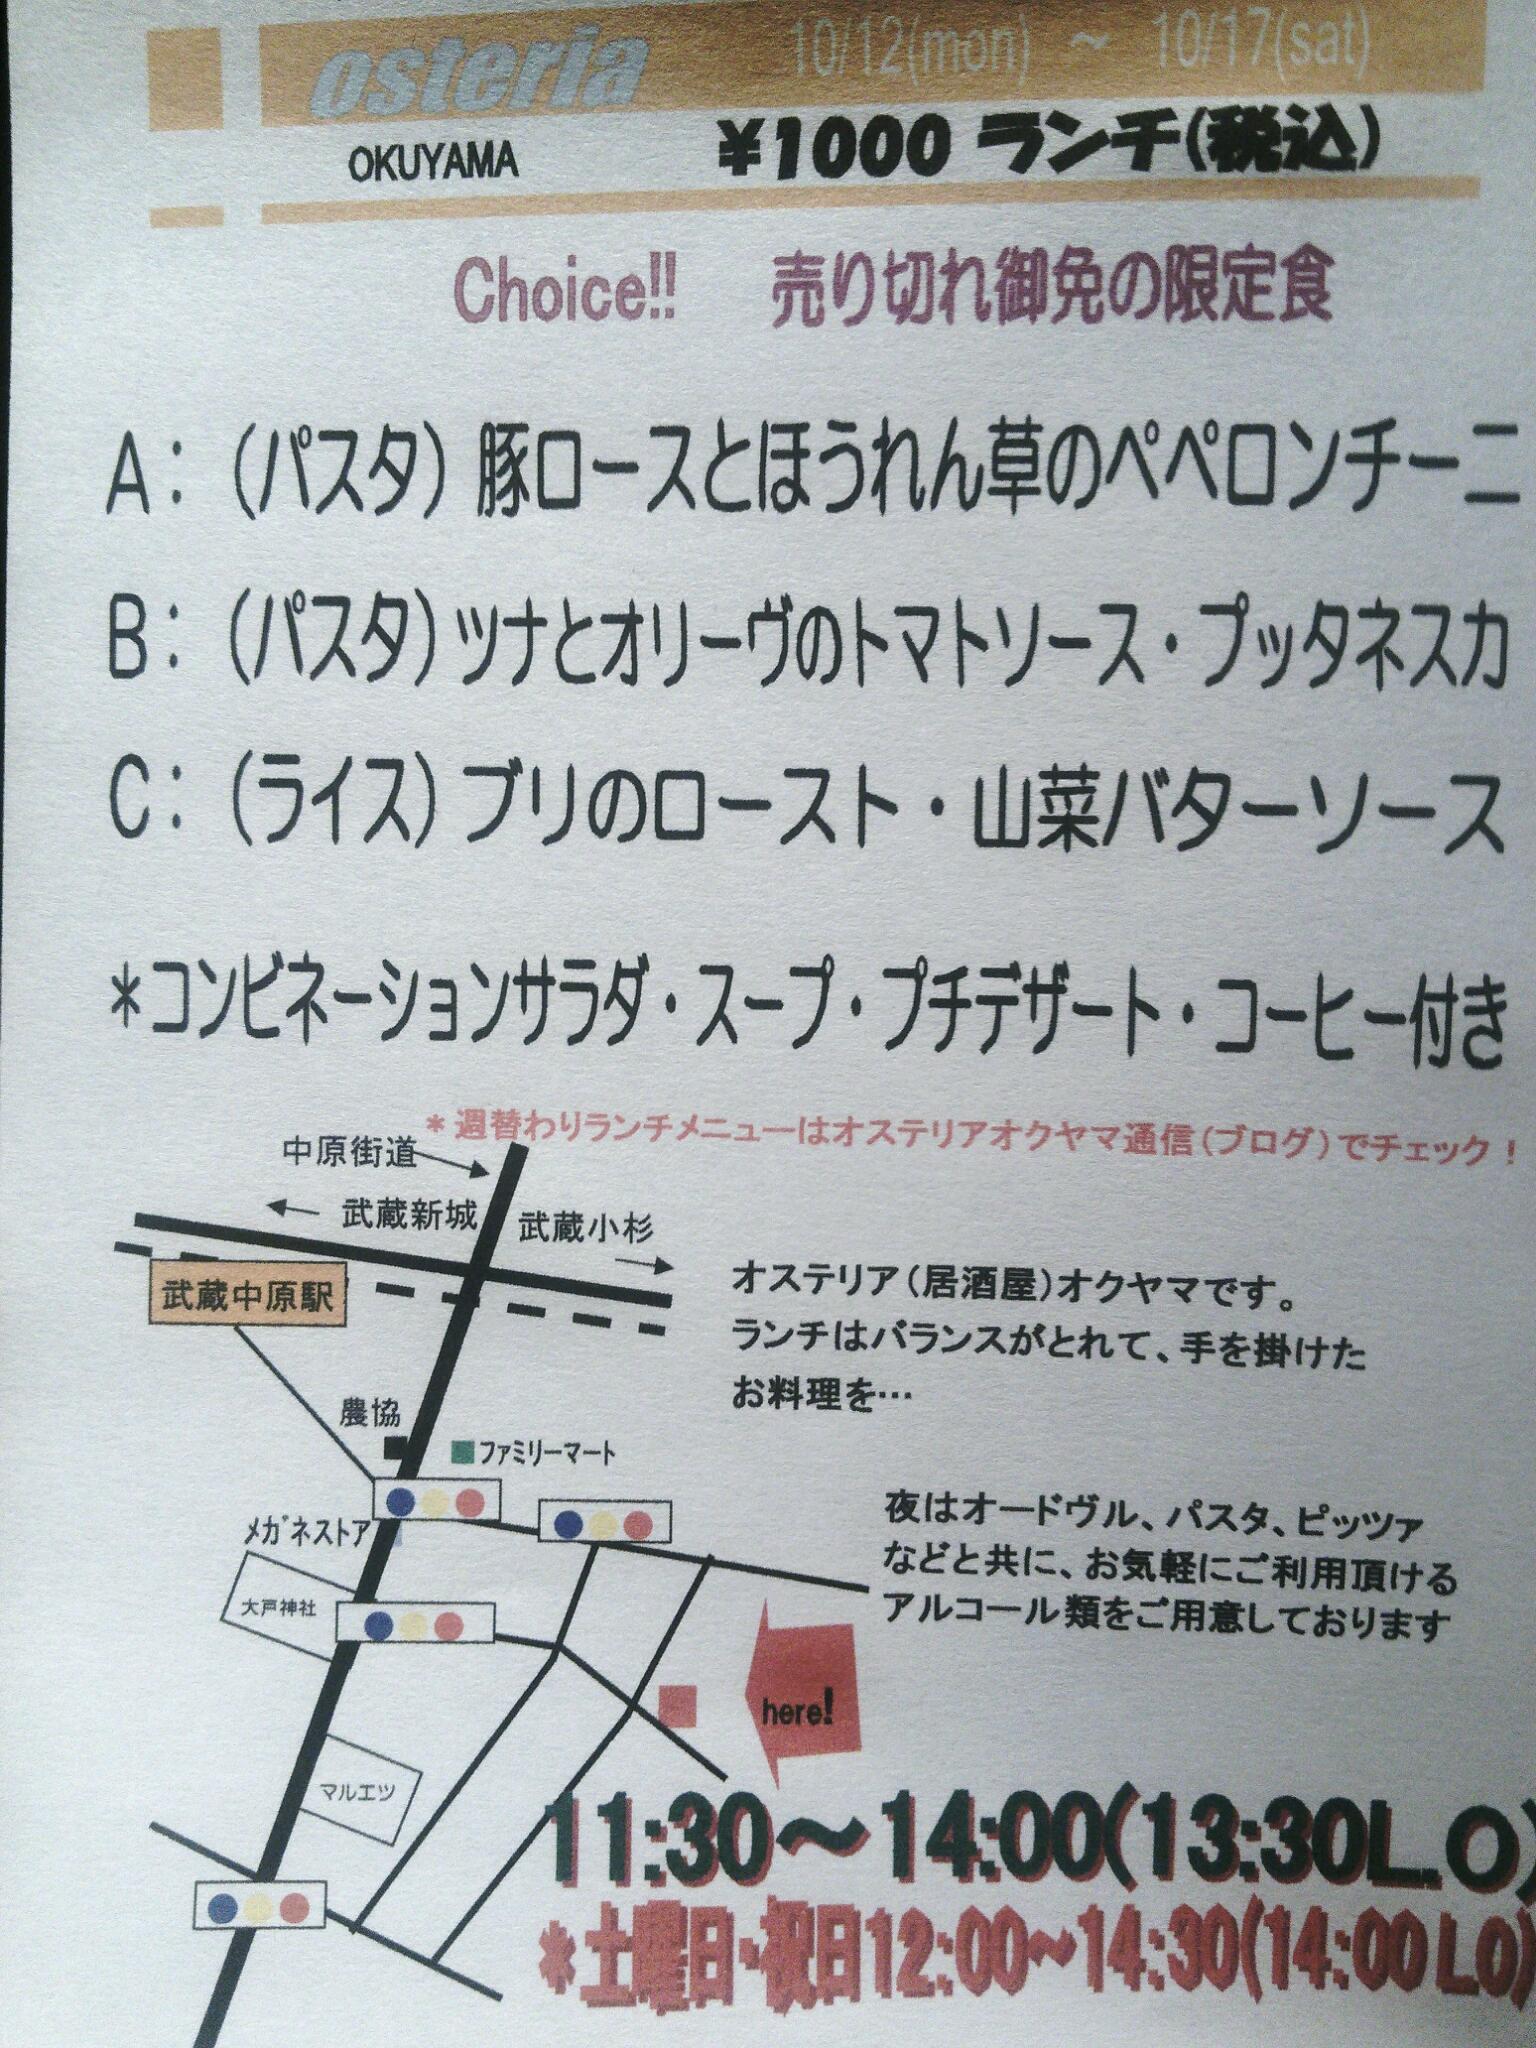 10/12(月)〜10/17(土)ランチ